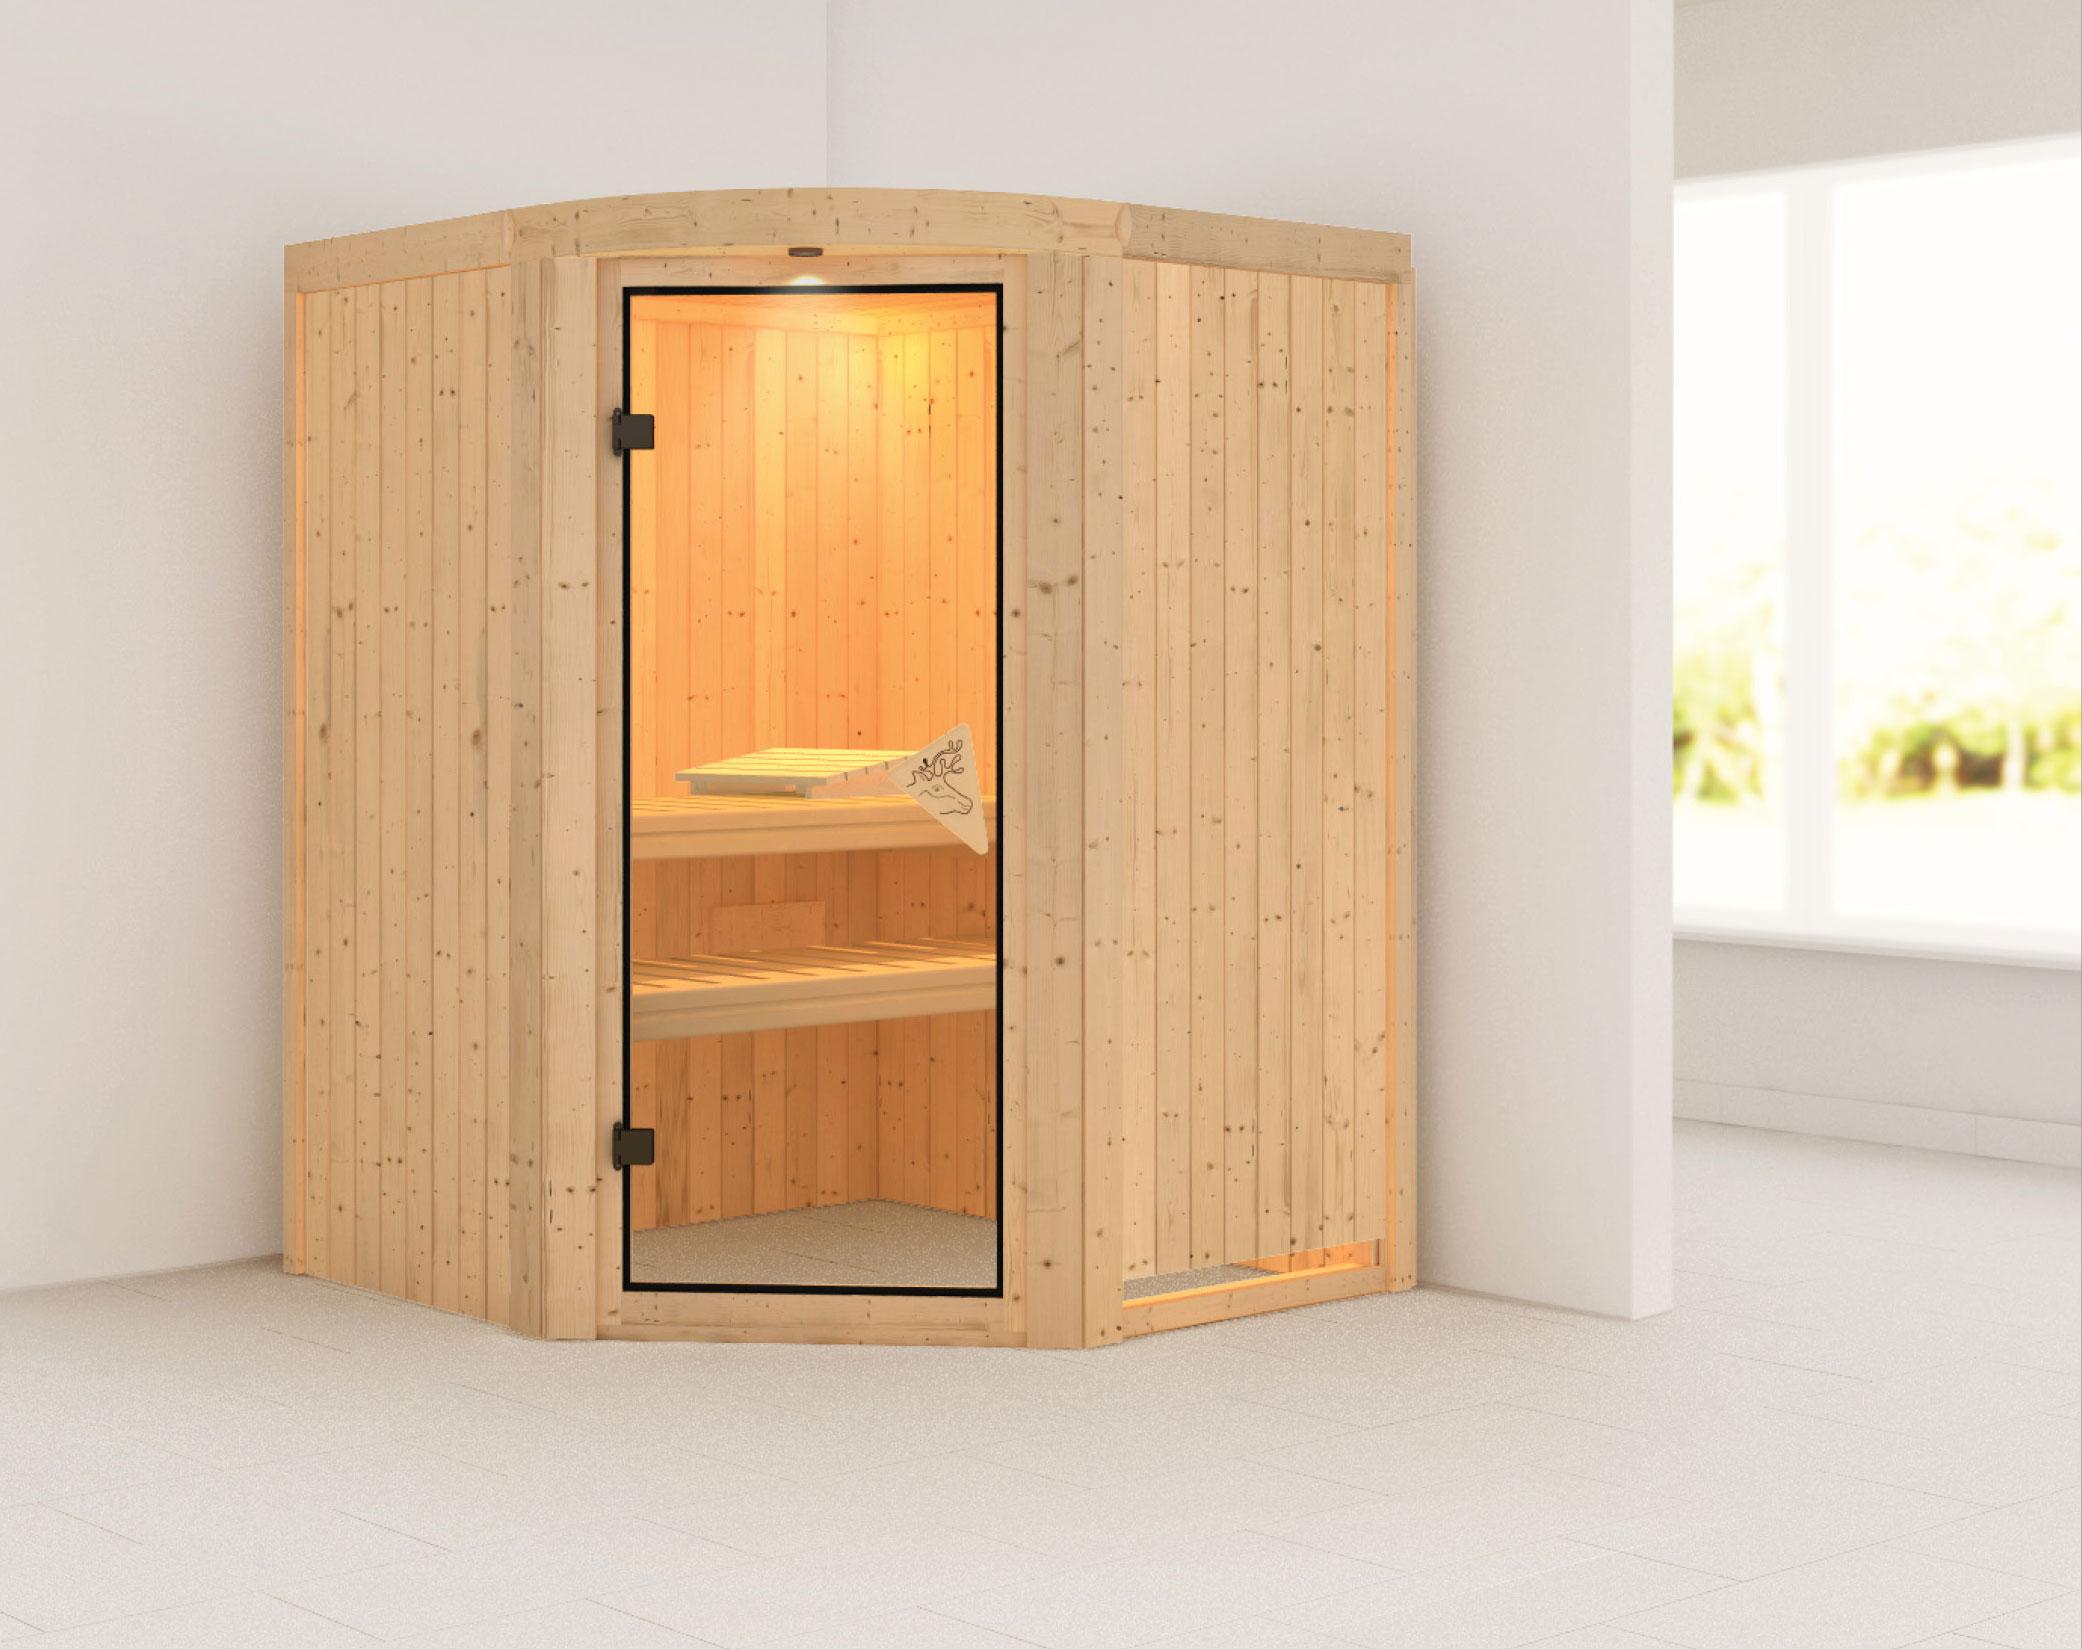 Karibu Sauna Asmada 68mm ohne Ofen classic Tür Bild 1